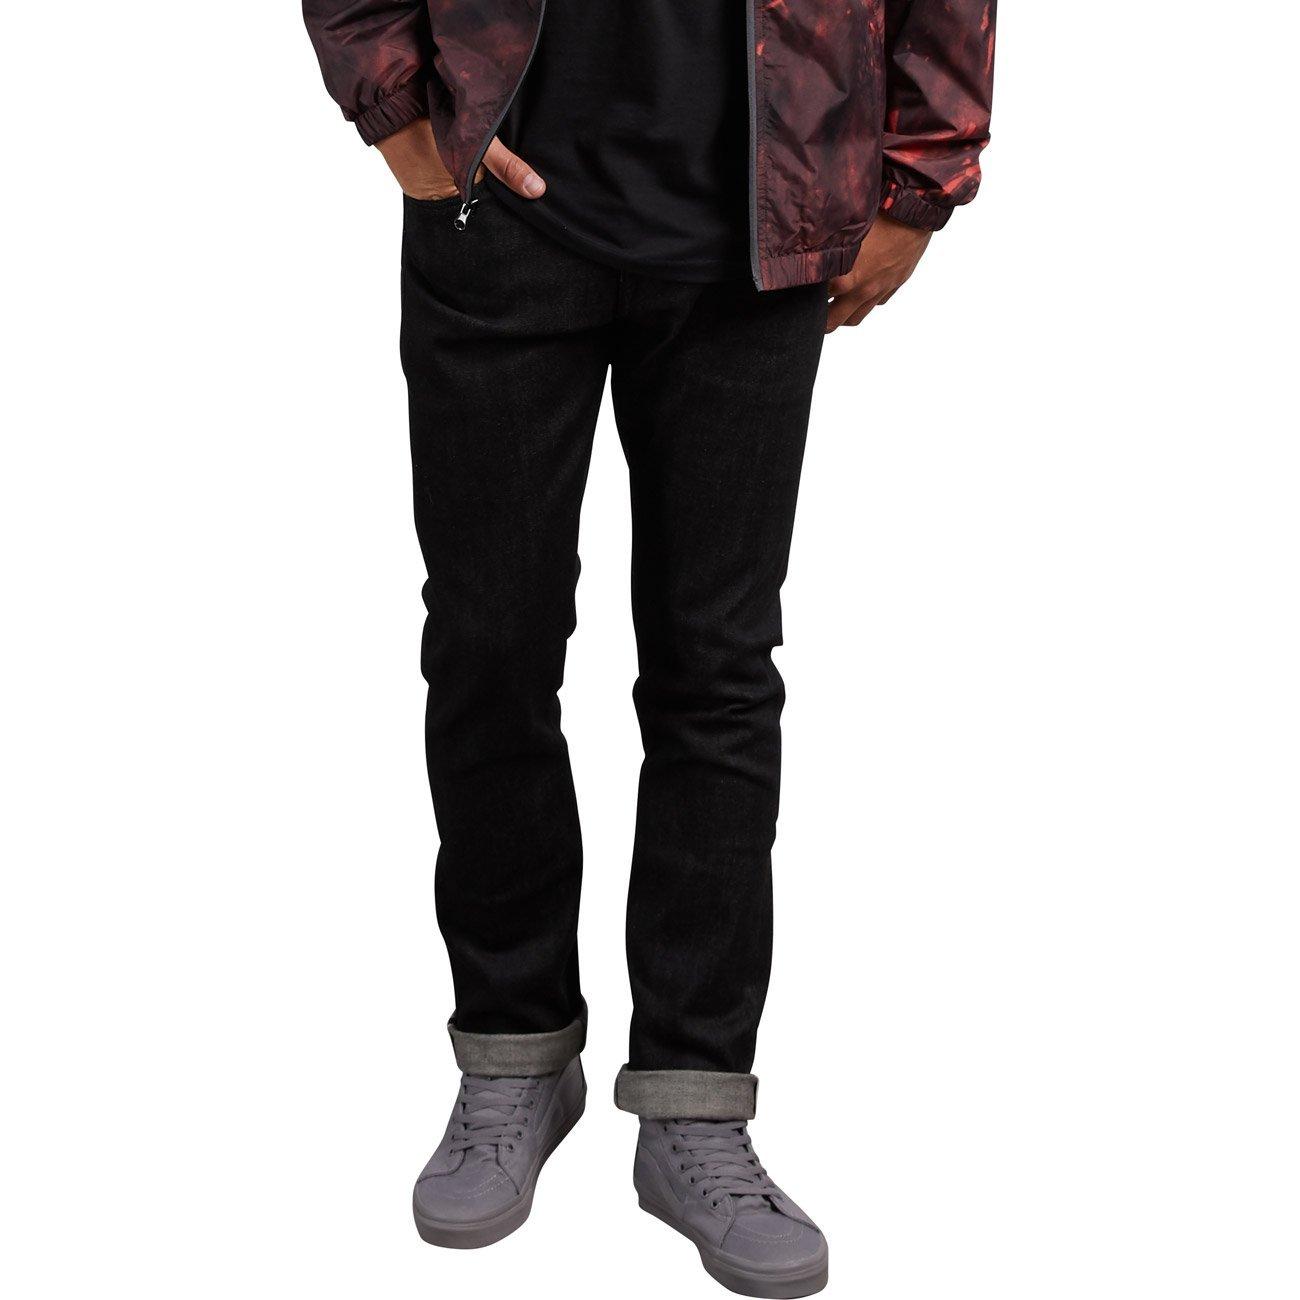 (ボルコム)VOLCOM スリム ストレッチ ストレート デニム (ローライズタイプ) 【 Vorta Denim 】 A1931501 B078464SQG 30W x 30L|Black Selvedge Black Selvedge 30W x 30L